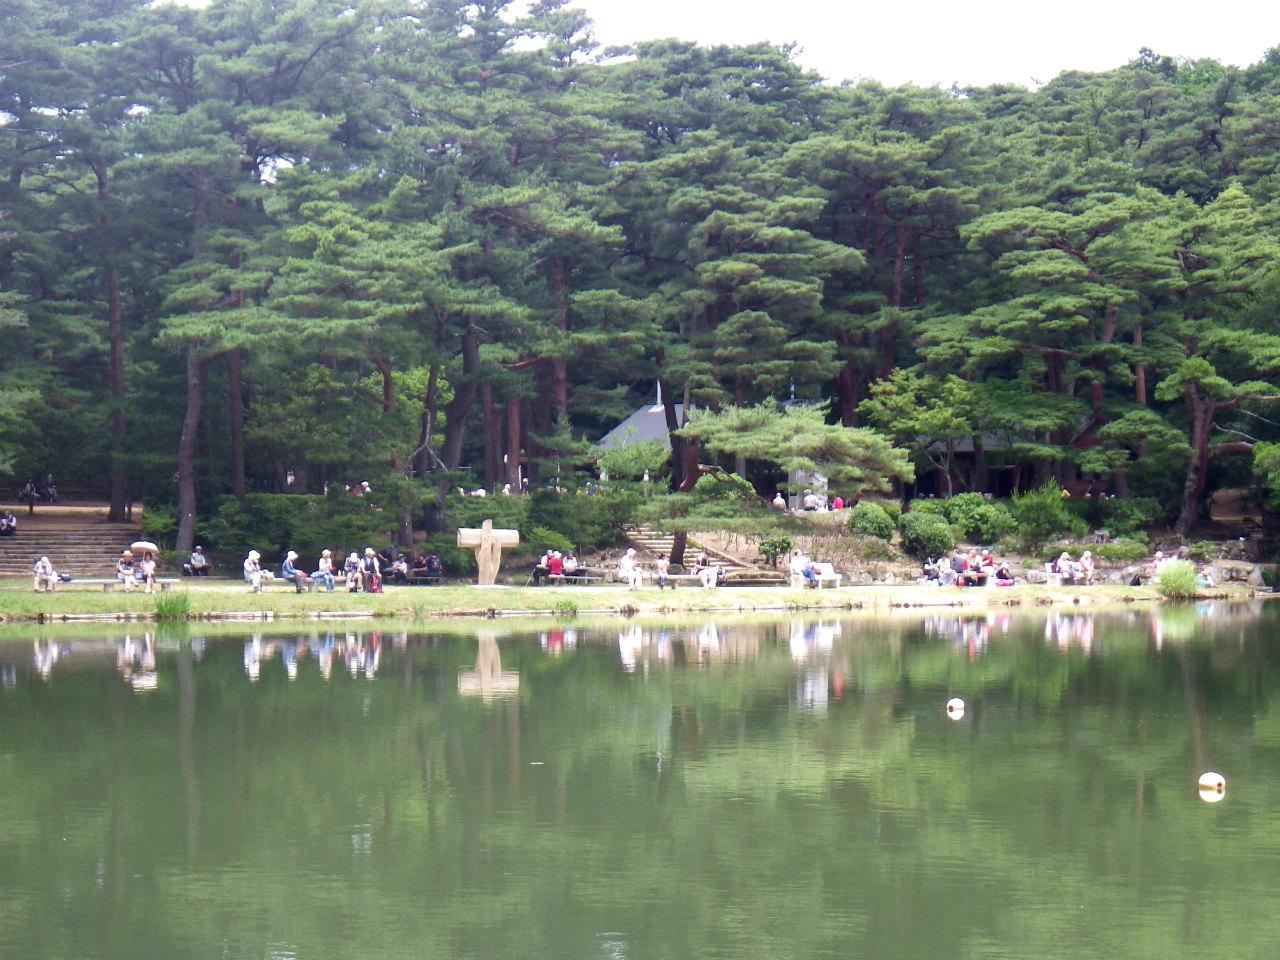 20a 修法ヶ原池の対岸